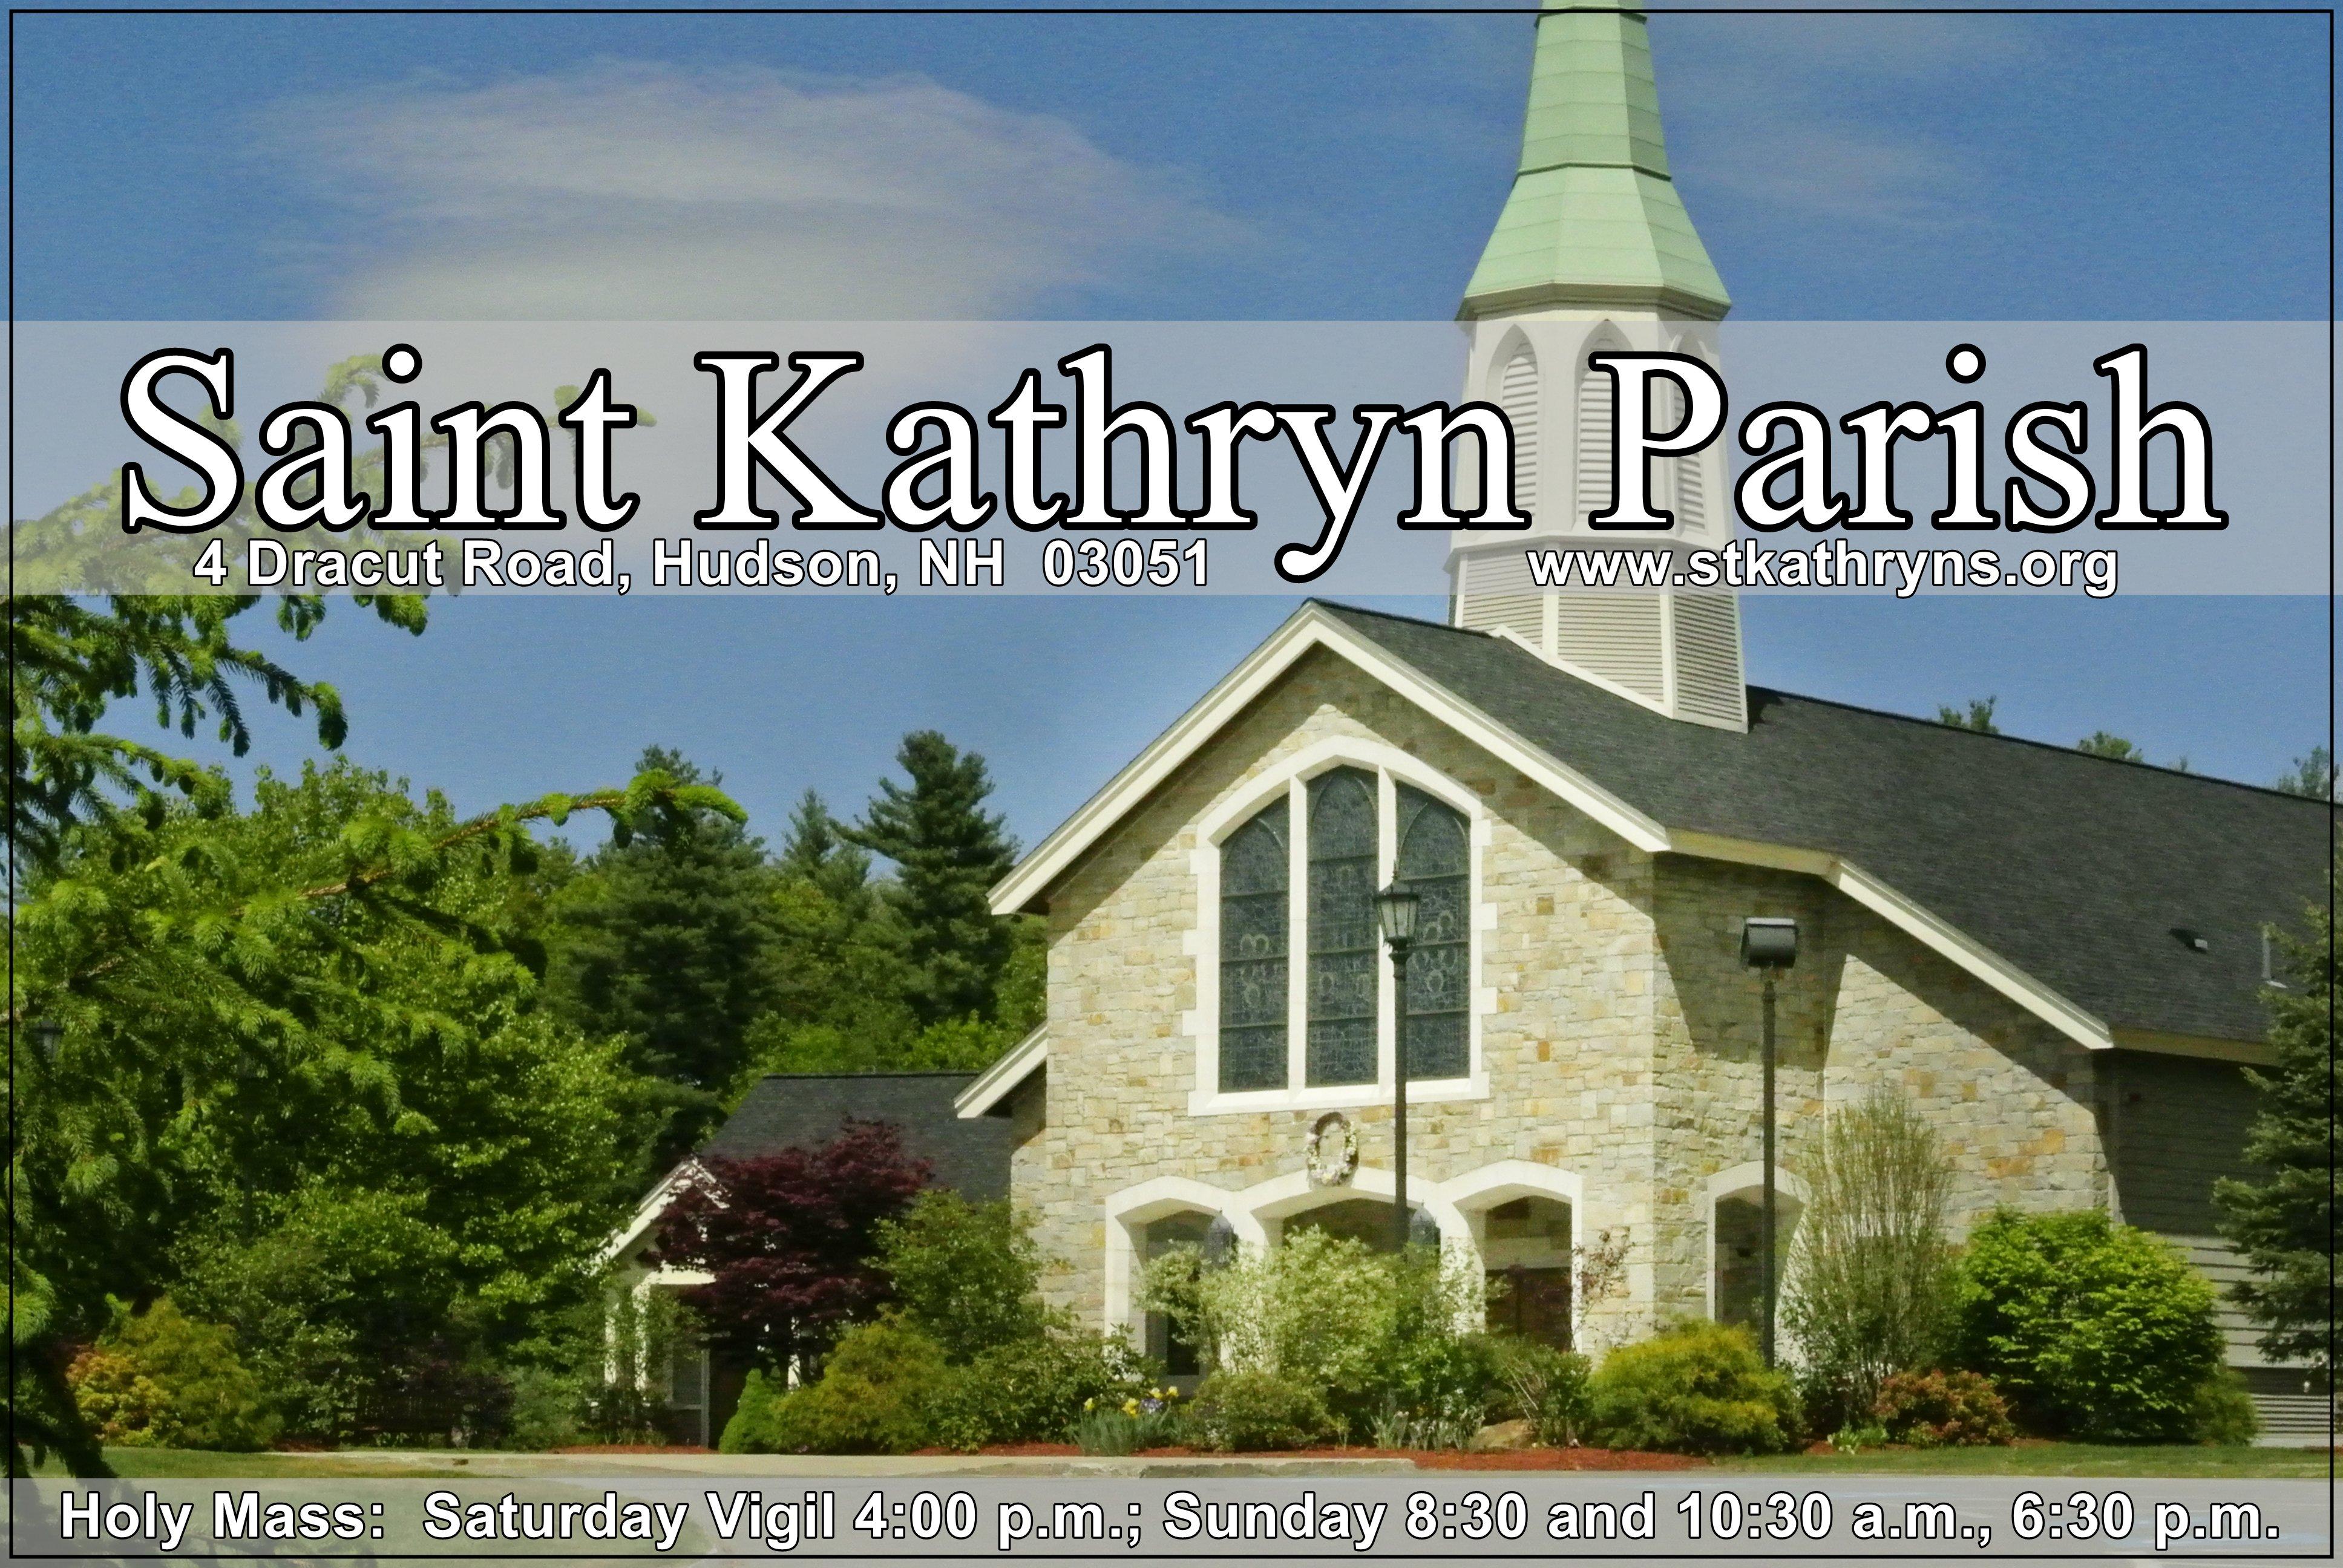 Saint Kathryn Parish